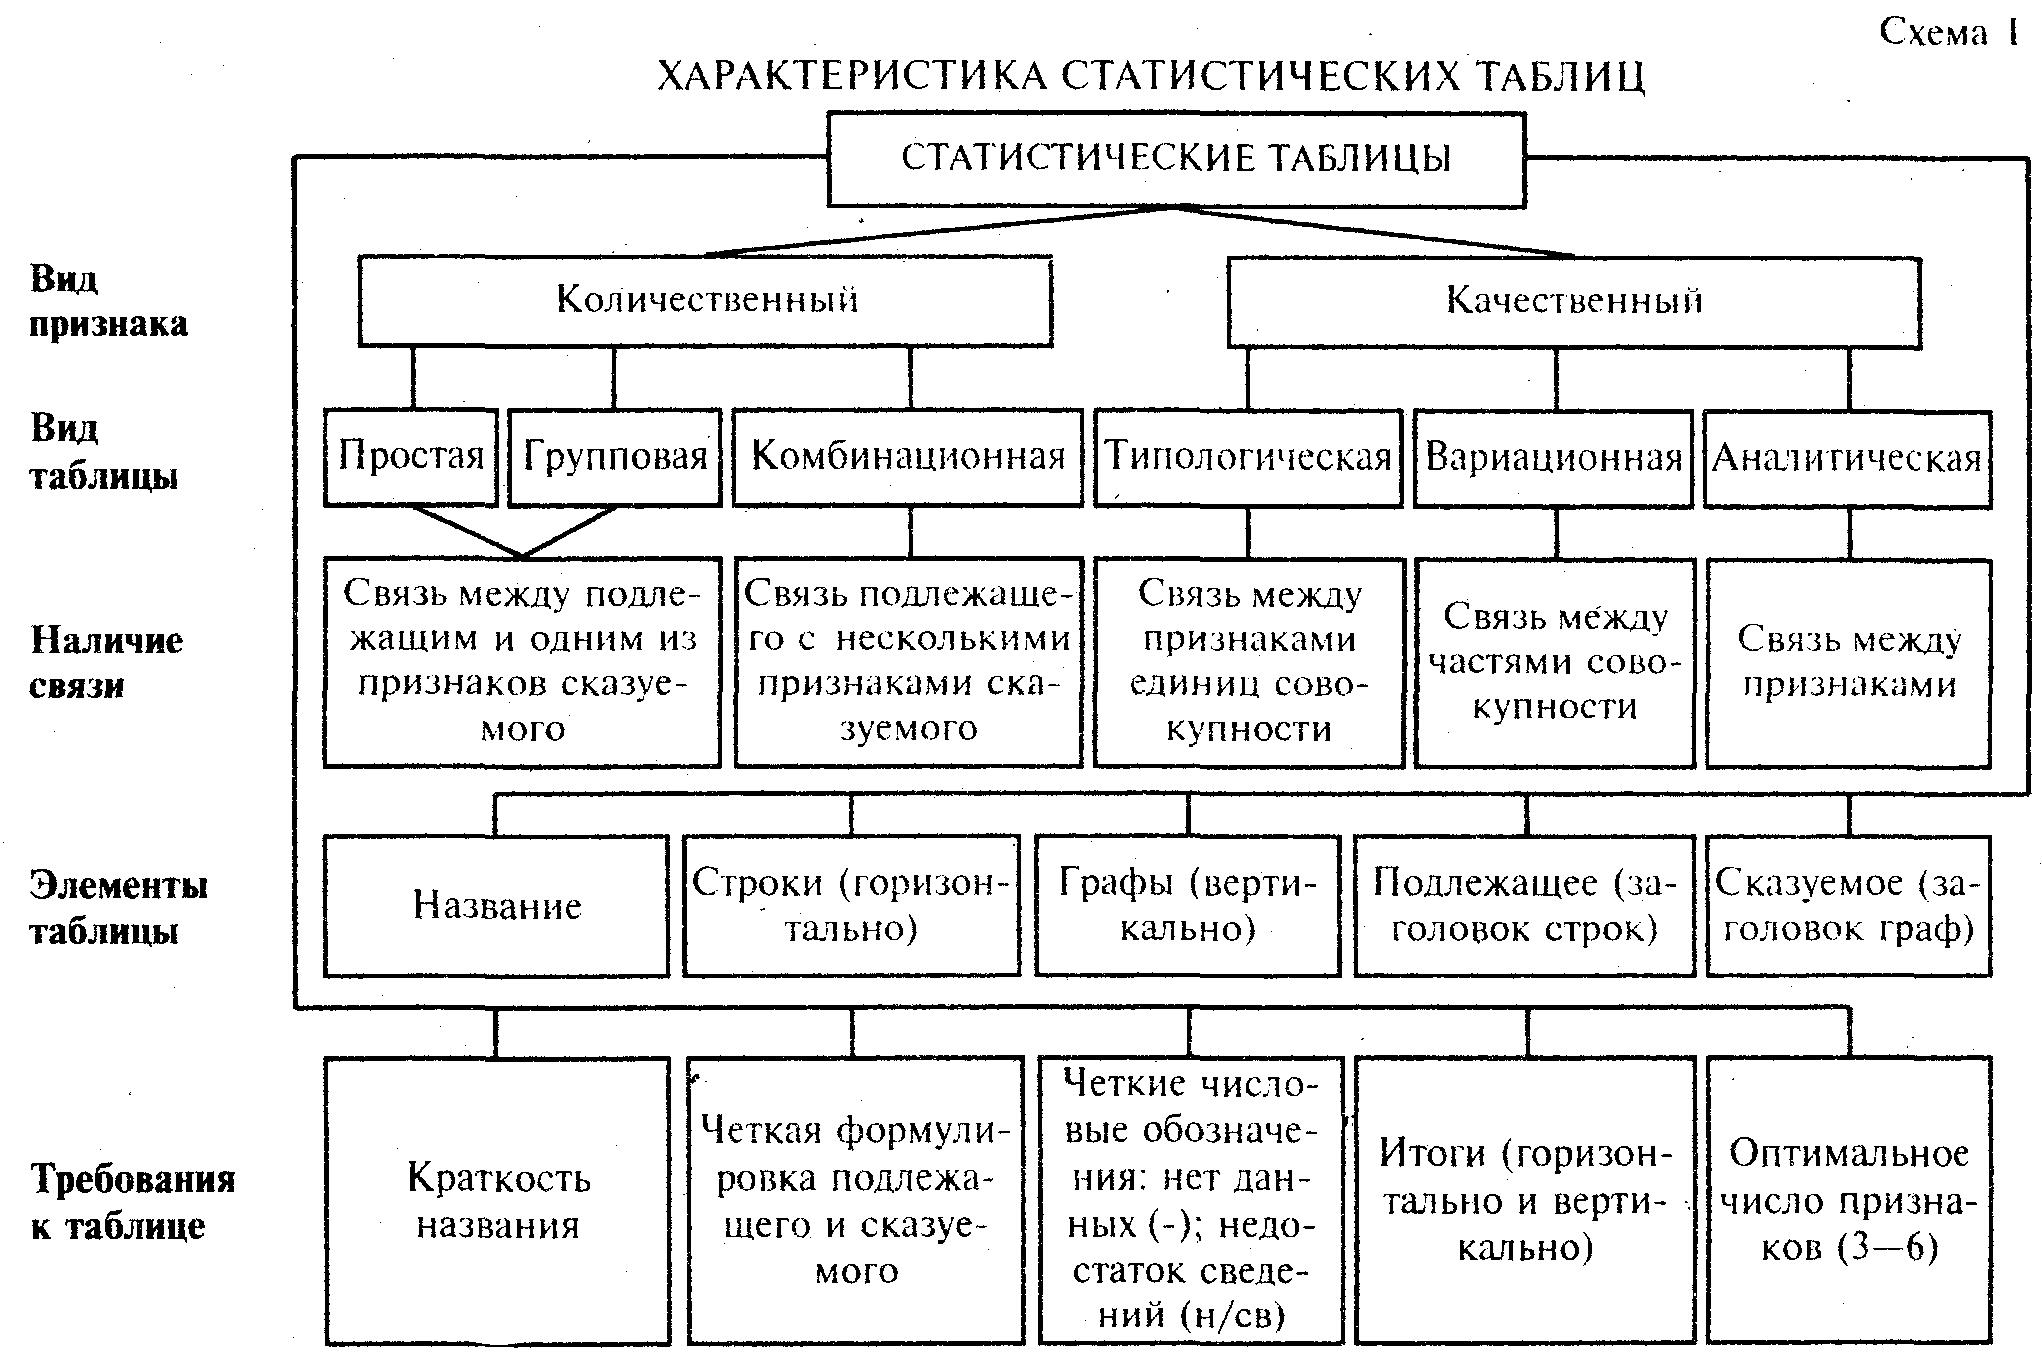 uchebniki-pravovoy-statistiki-skachat